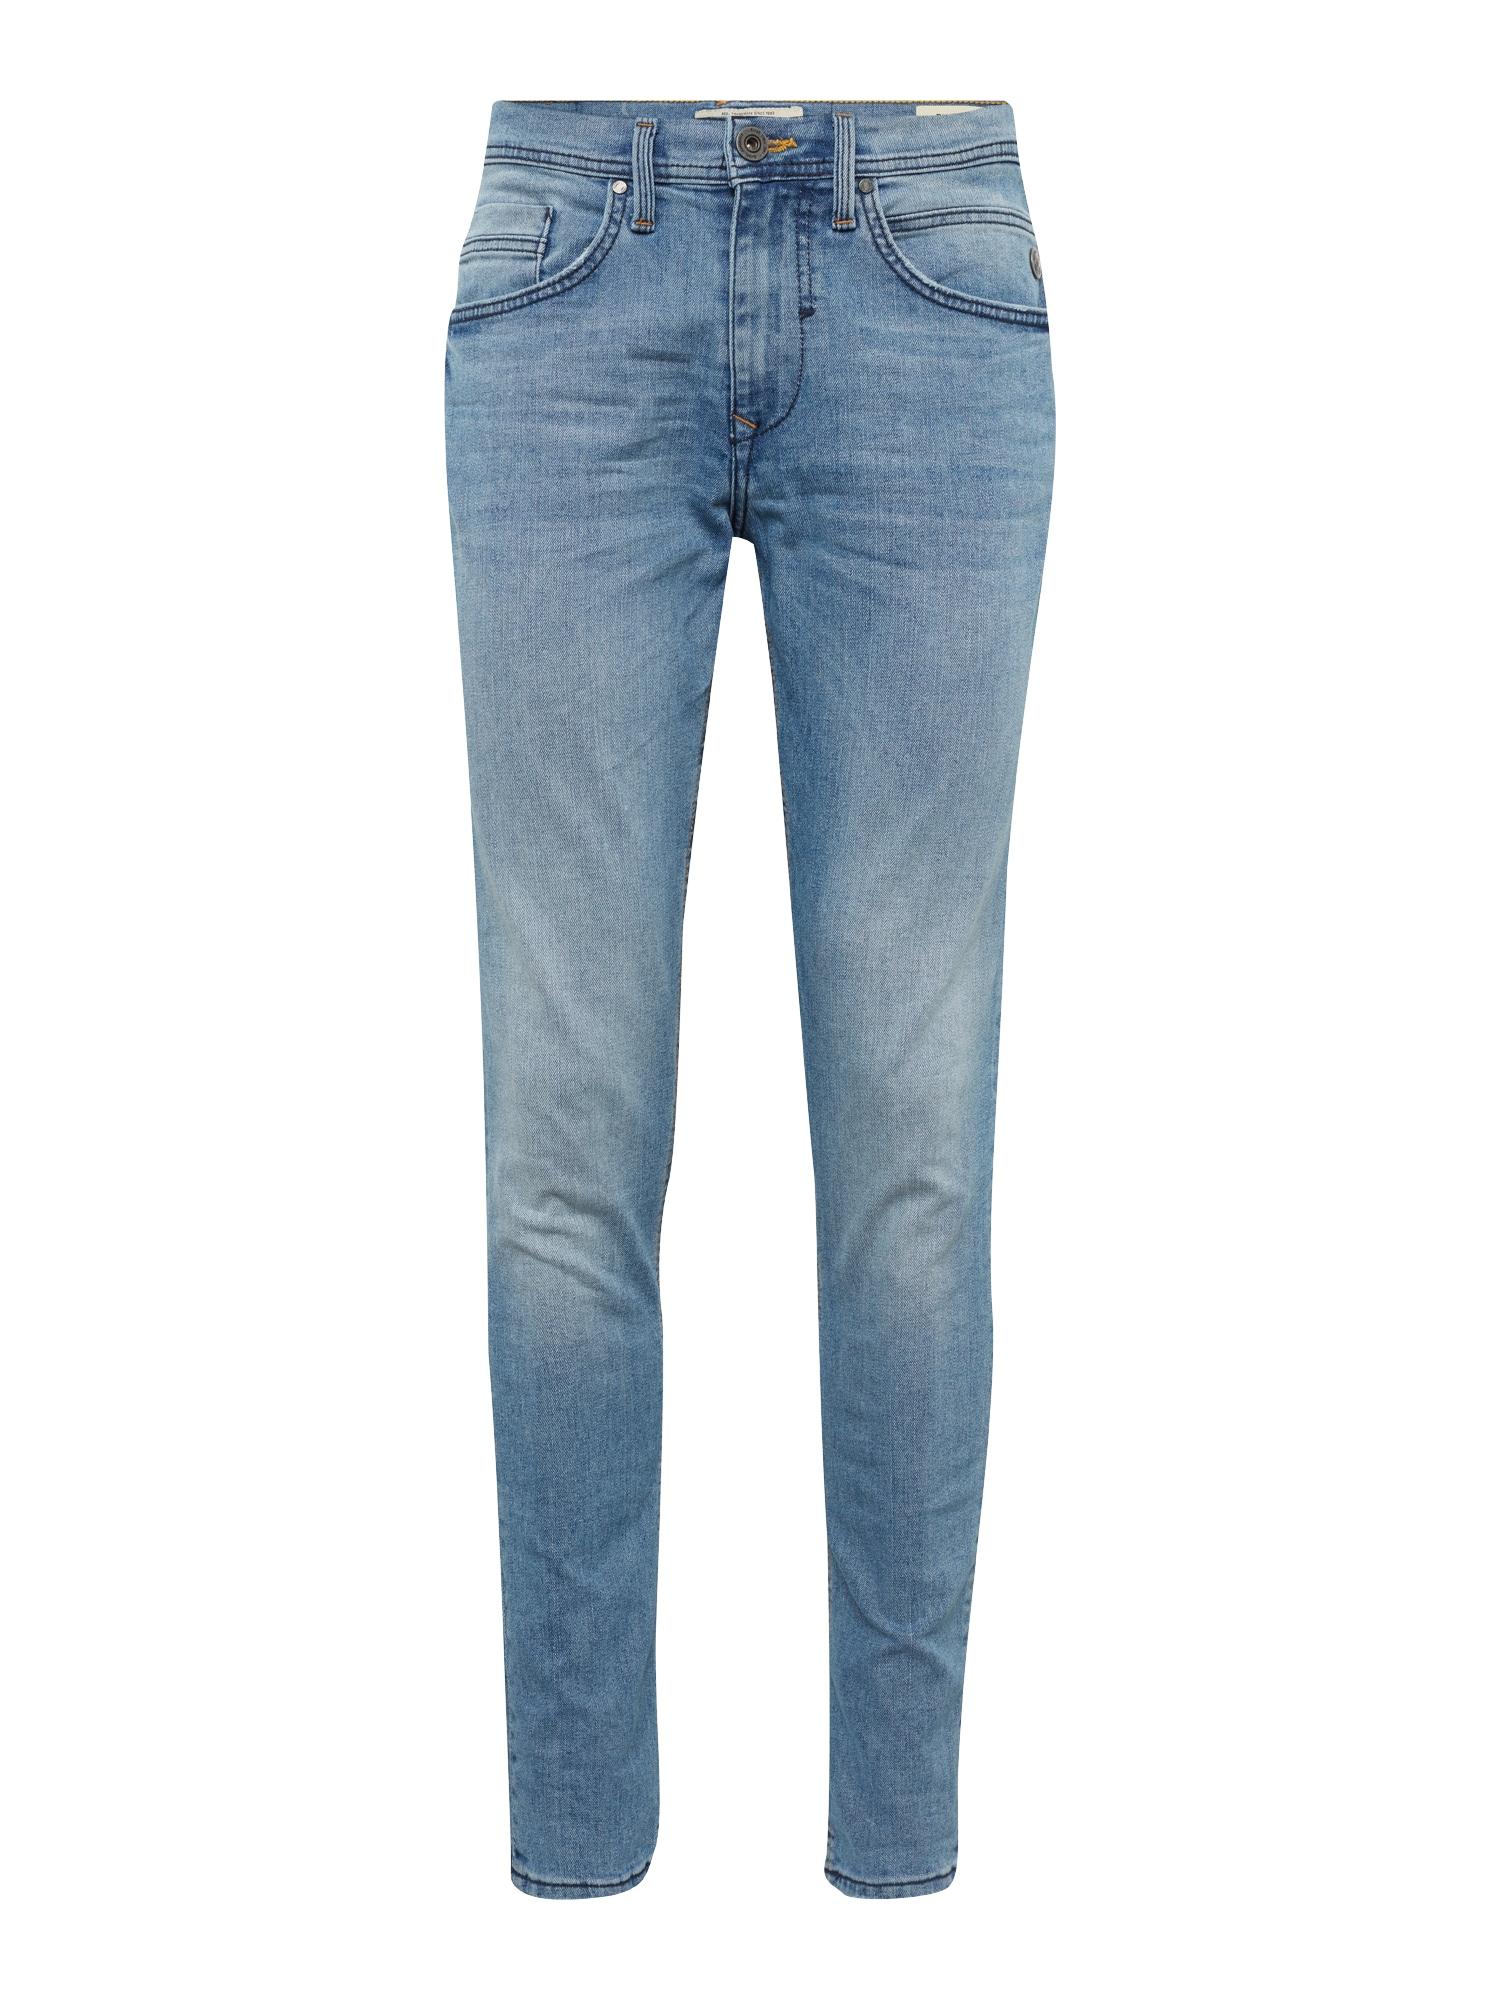 BLEND Džinsai 'Twister Slim Straight' tamsiai (džinso) mėlyna